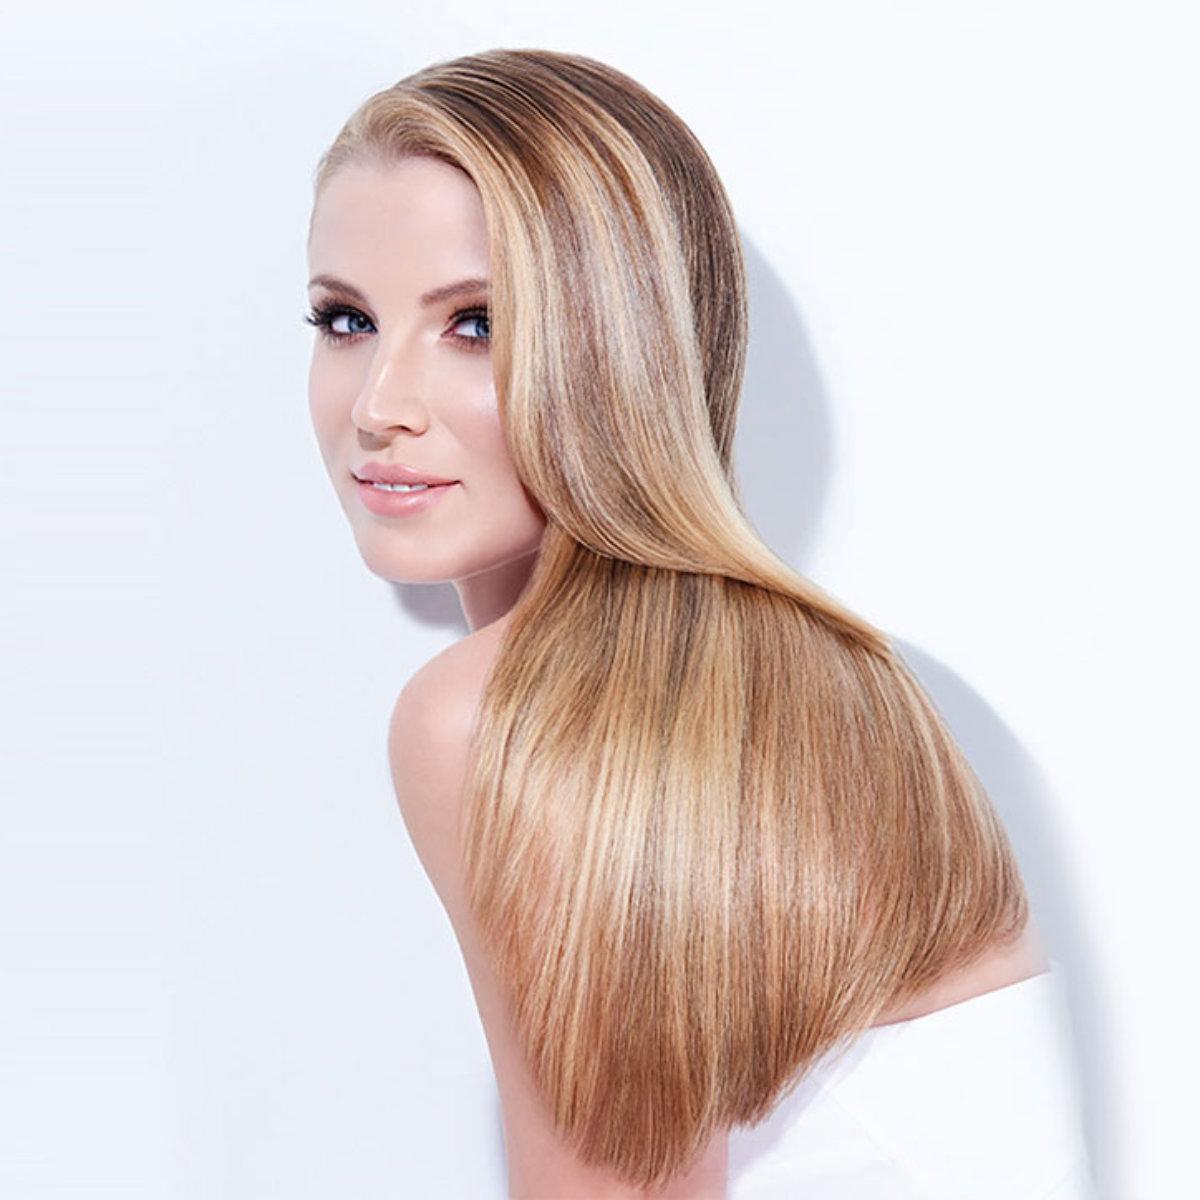 Caramel Contour hair color technique model after